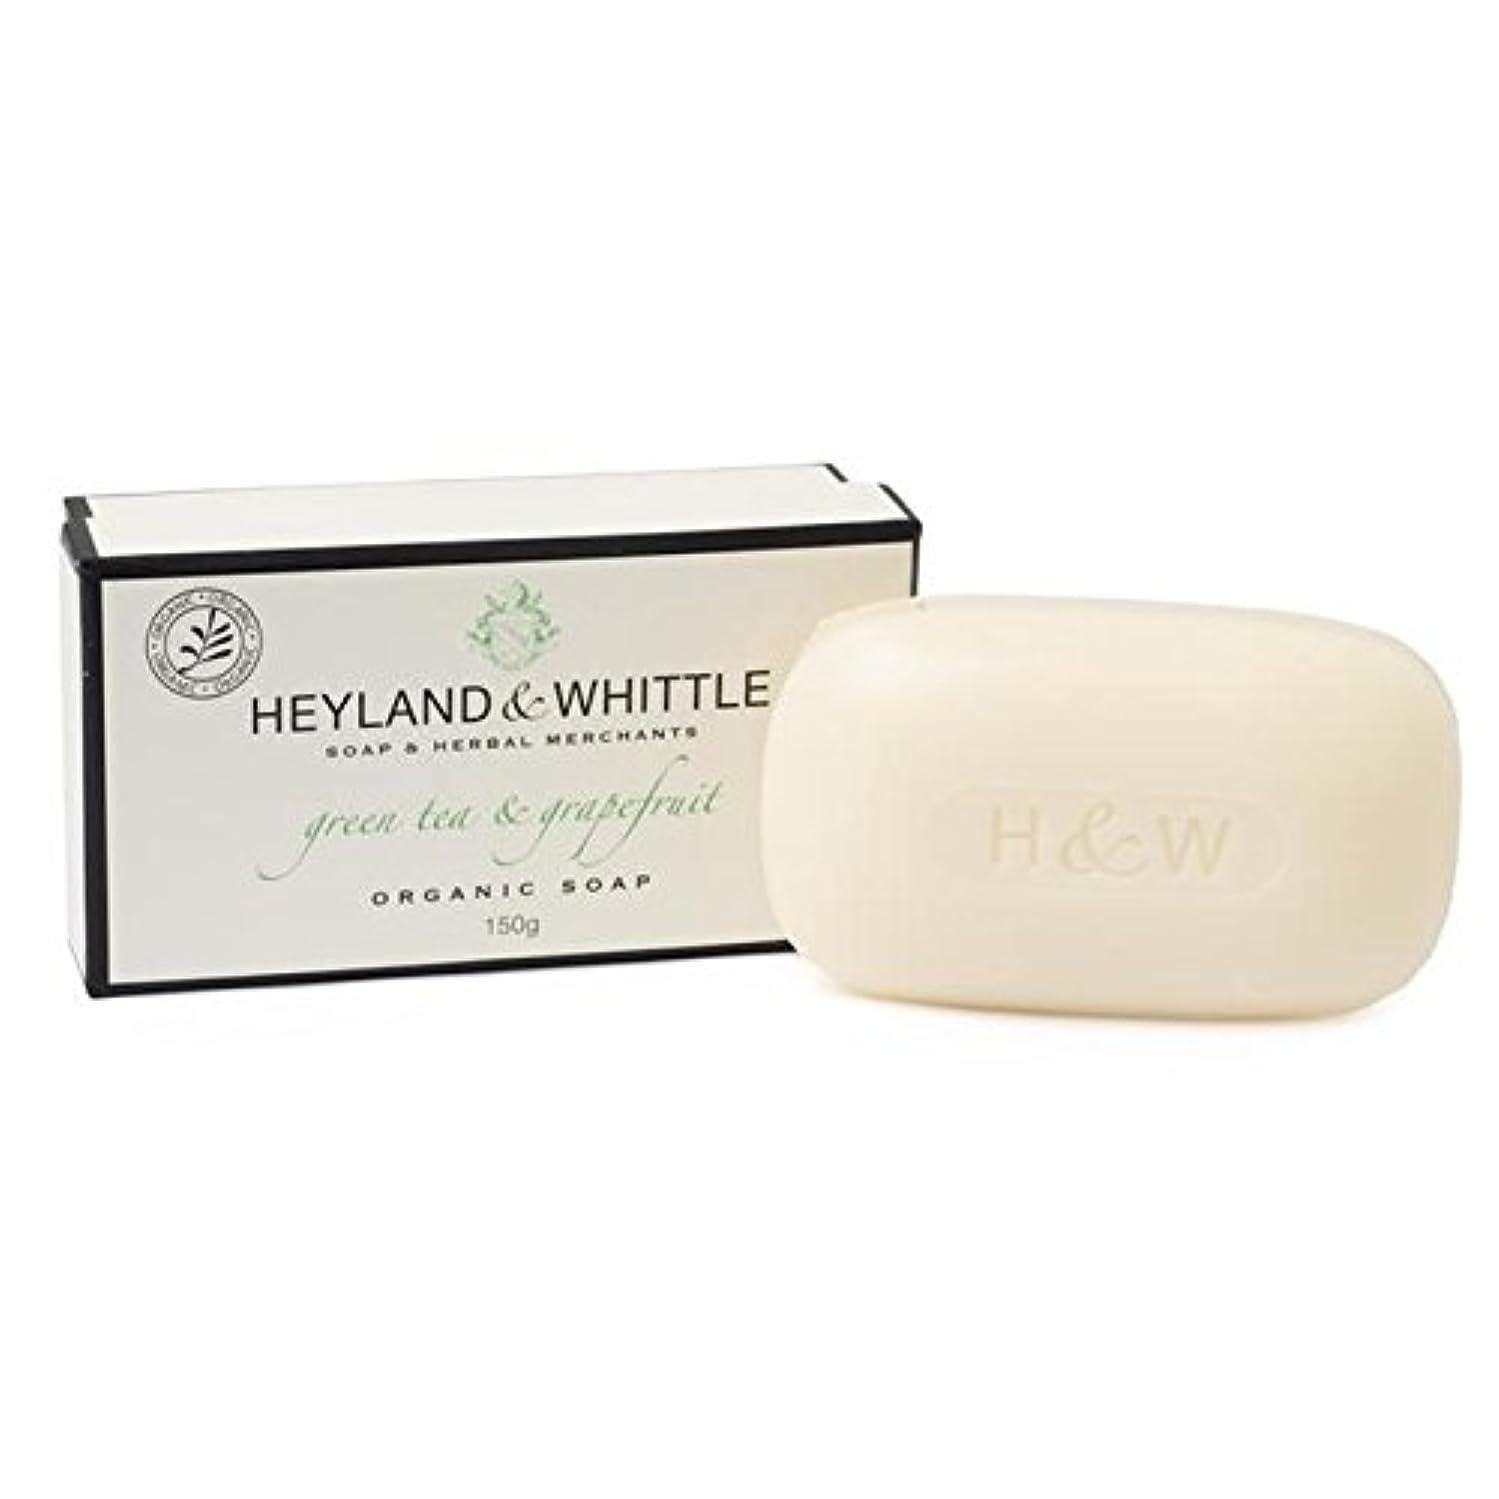 チューブ愛情機械的にHeyland & Whittle Green Tea & Grapefruit Boxed Organic Soap 150g - &削る緑茶&グレープフルーツはオーガニックソープ150グラム箱入り [並行輸入品]